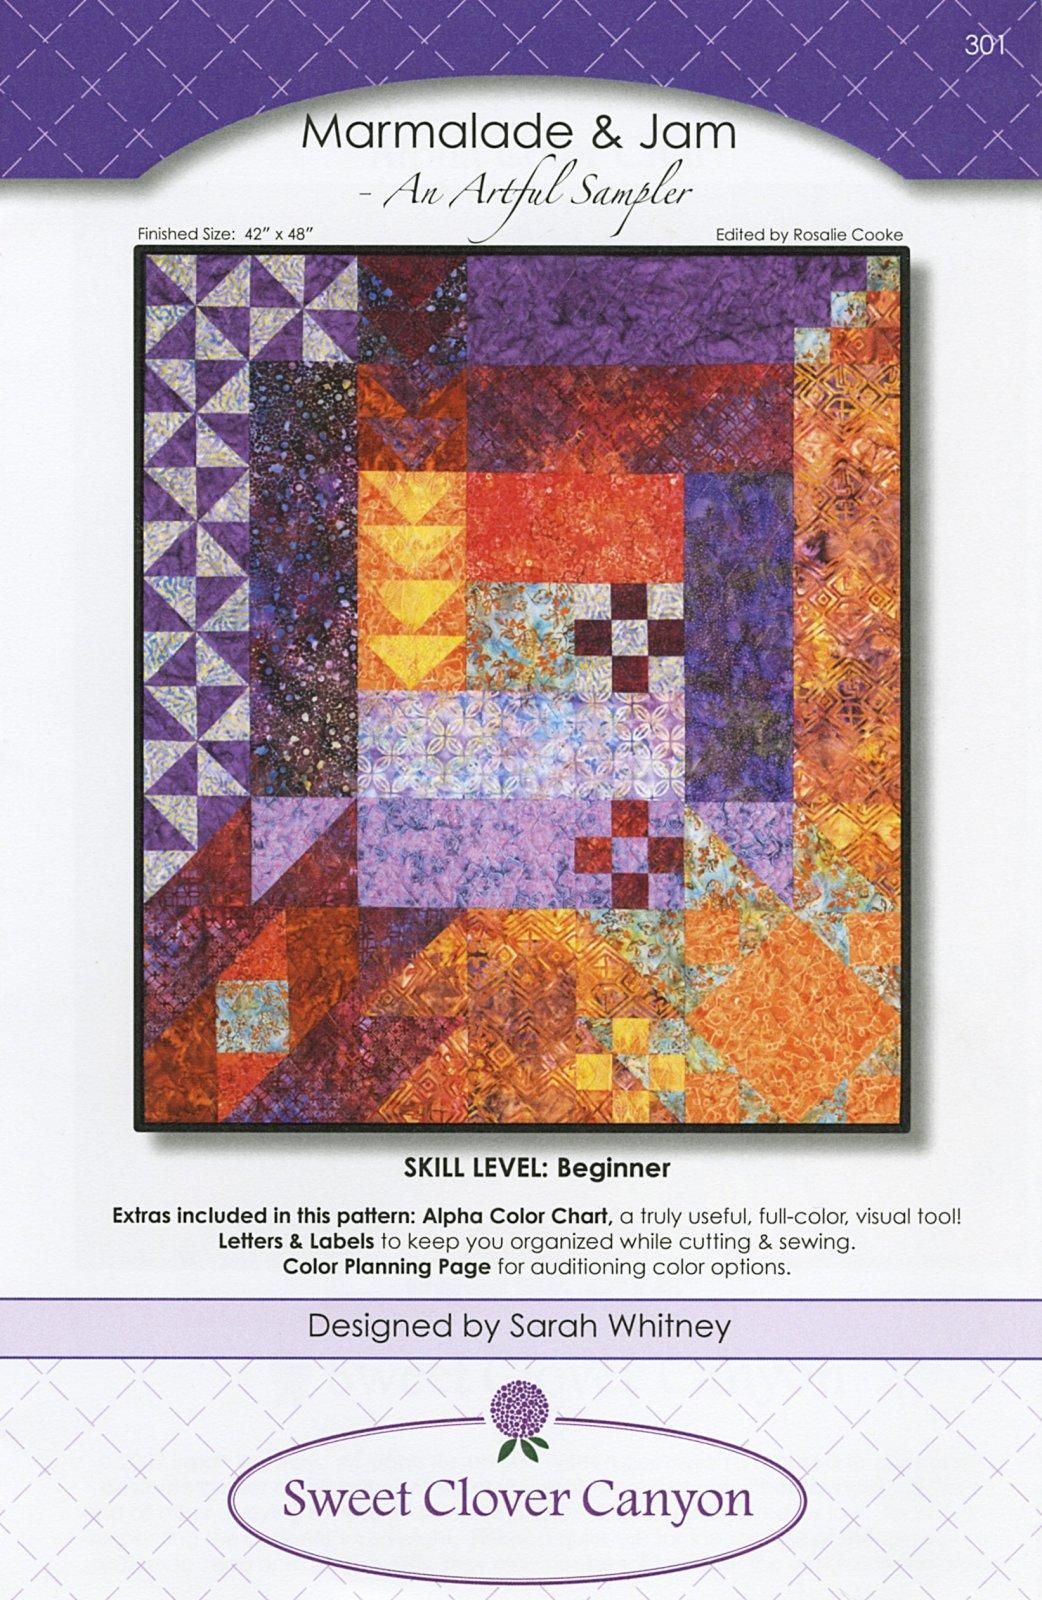 Marmalade & Jam - A Artful Sampler